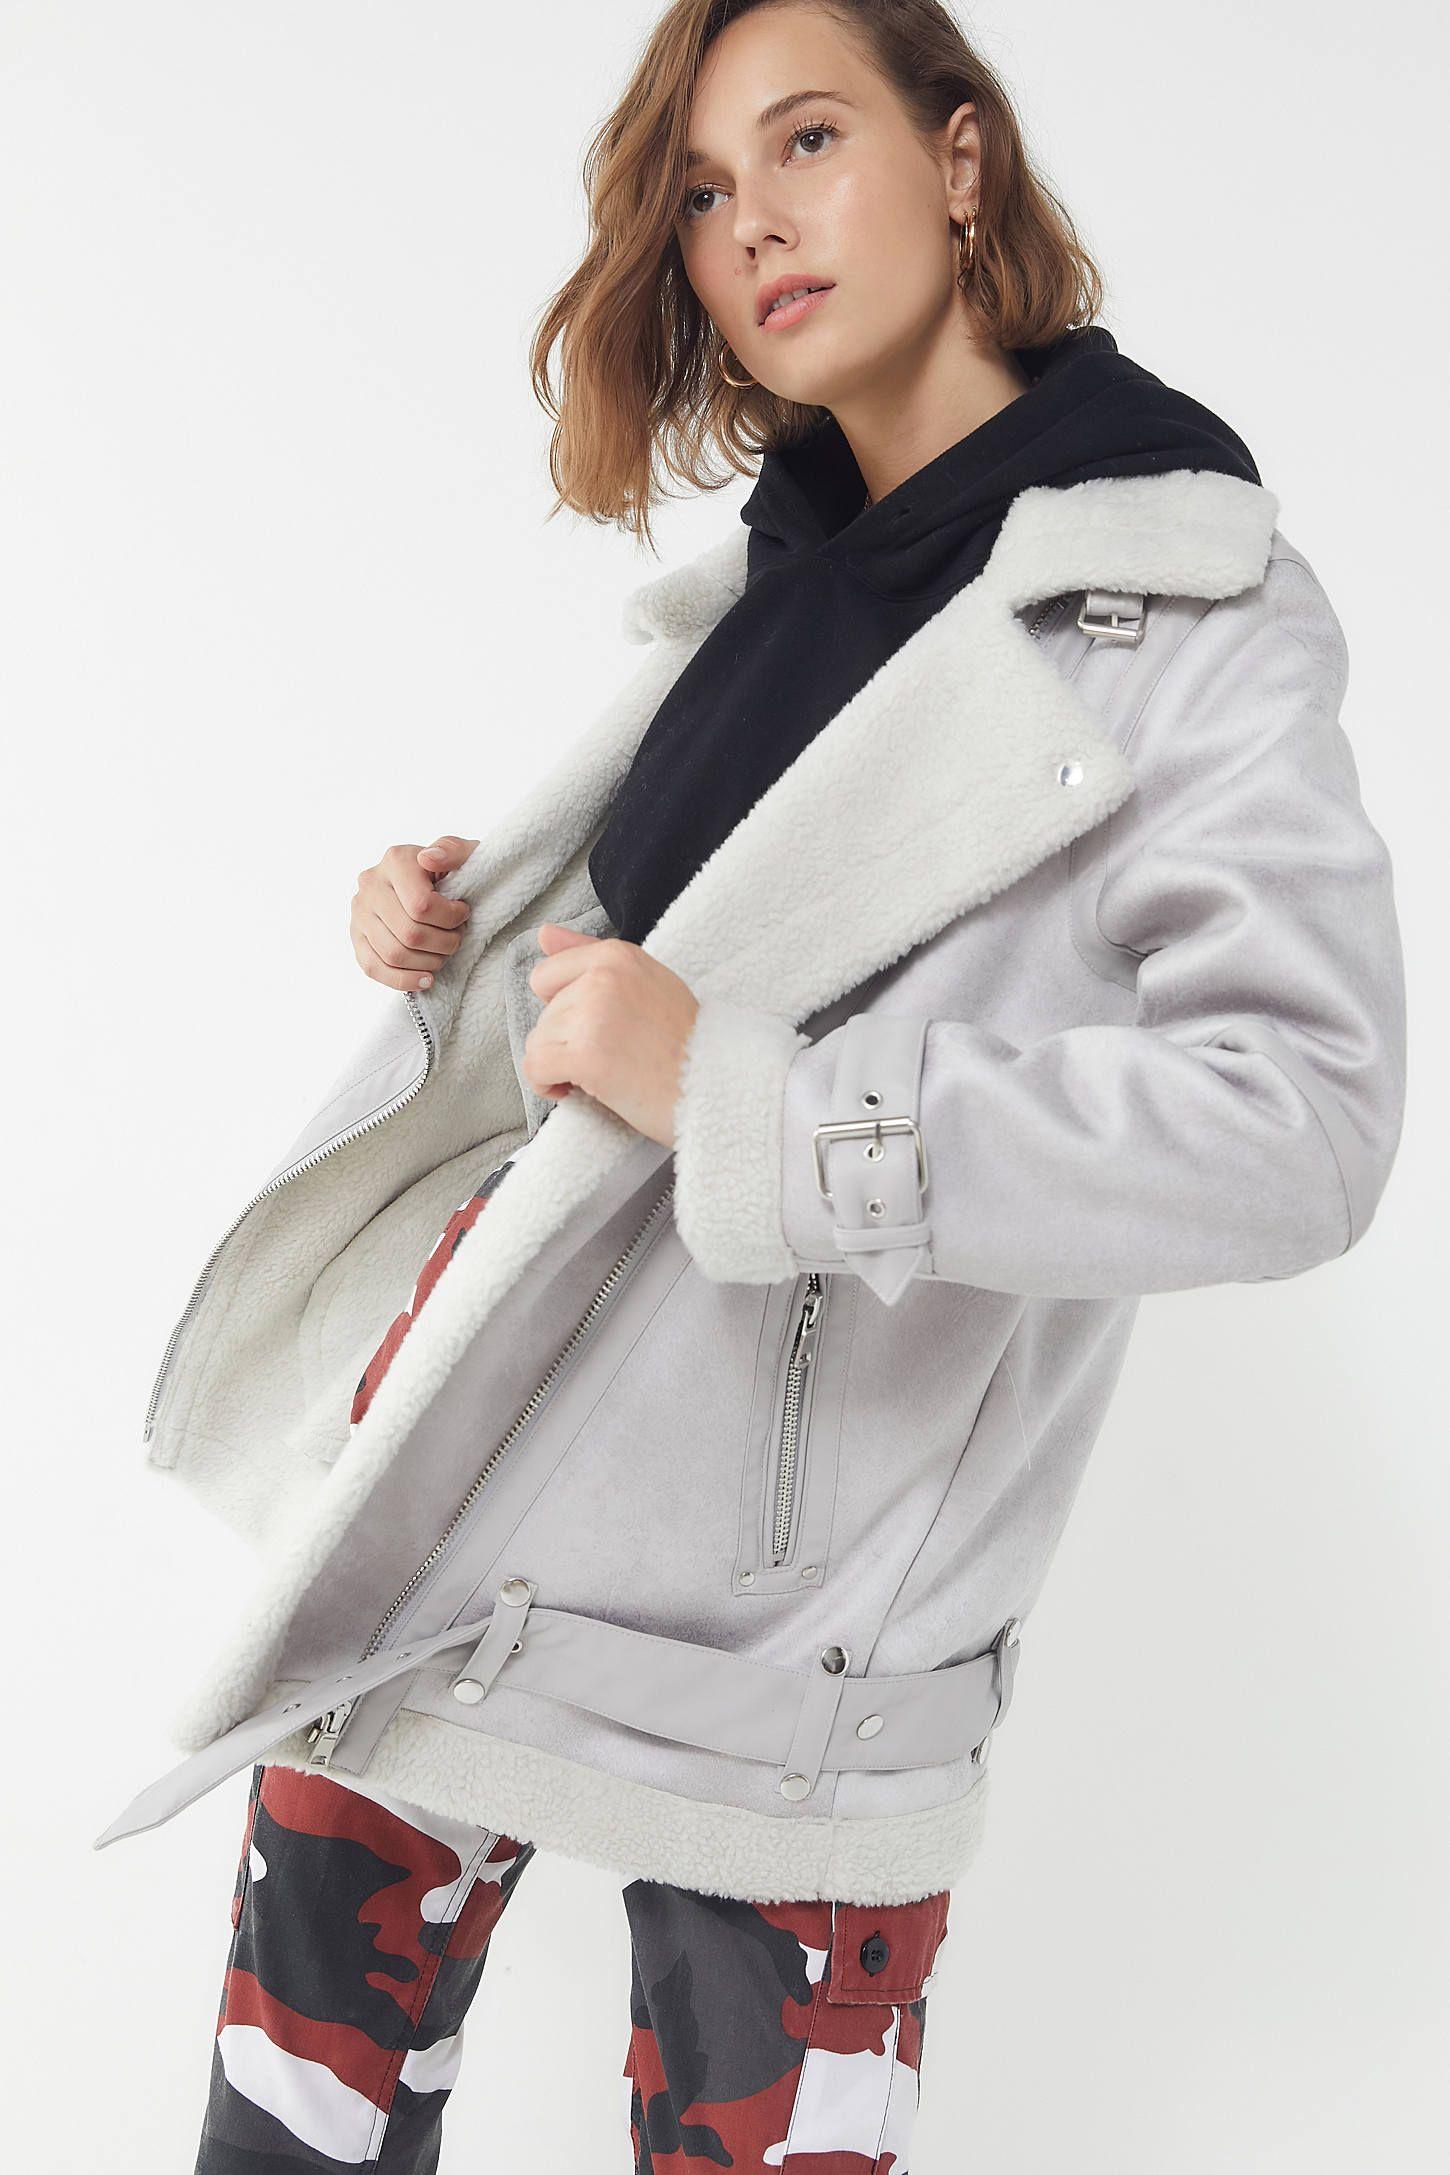 UO Oversized Faux Leather Aviator Jacket Aviator jackets